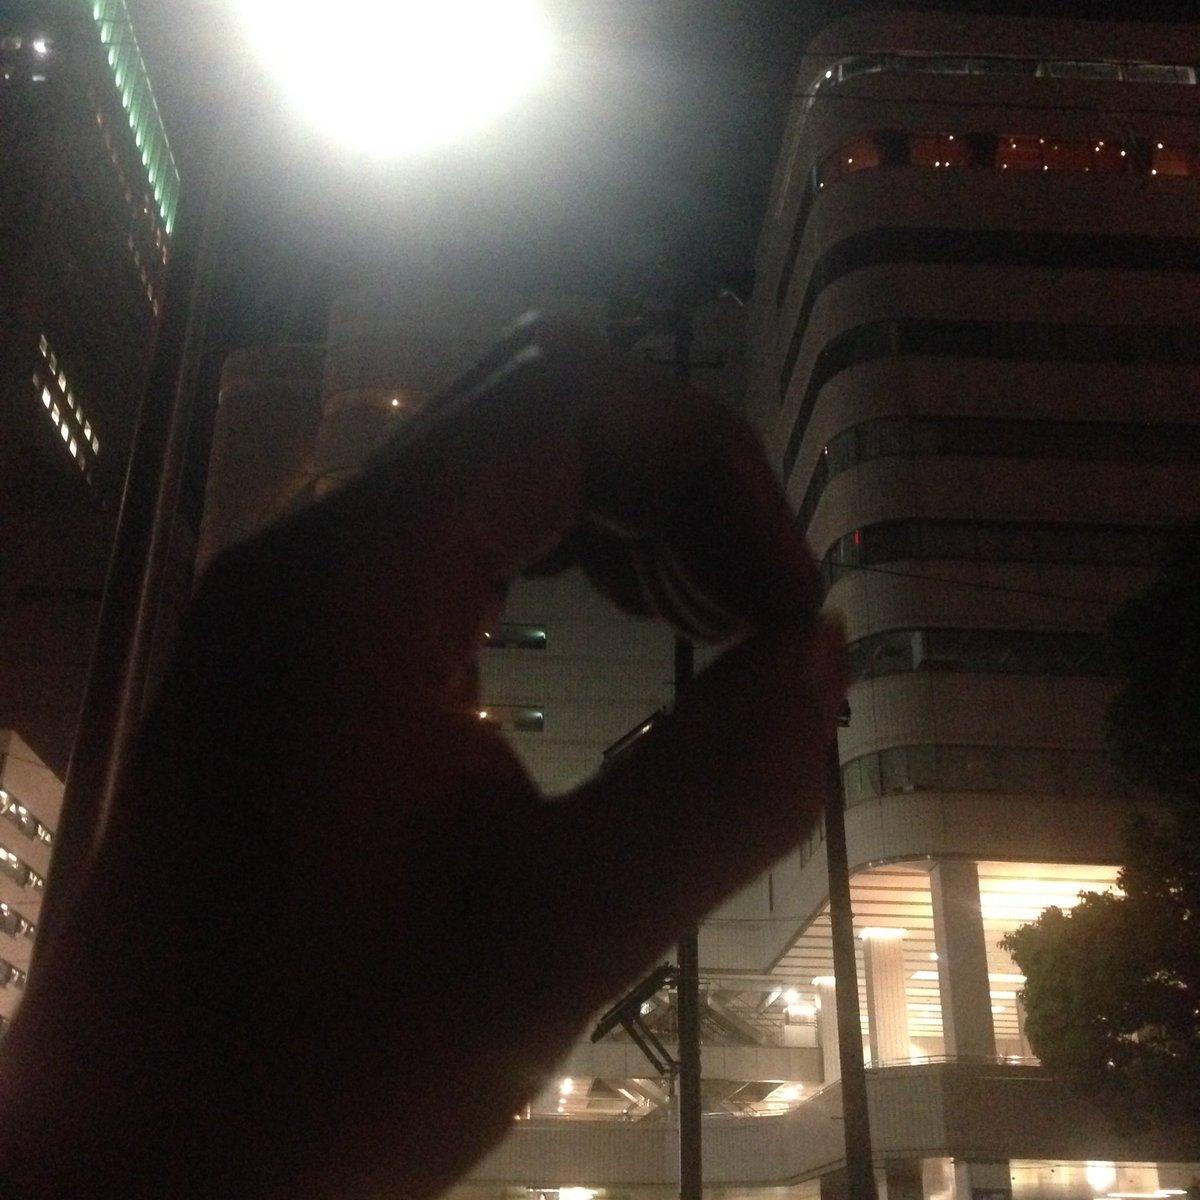 22時47分。   魚釣り終了。   魚の反応まったく無し。   釣果ゼロ。    魚が釣れない予想は当たった・・。  #横浜そごう裏 https://t.co/M6SCSe0wDc